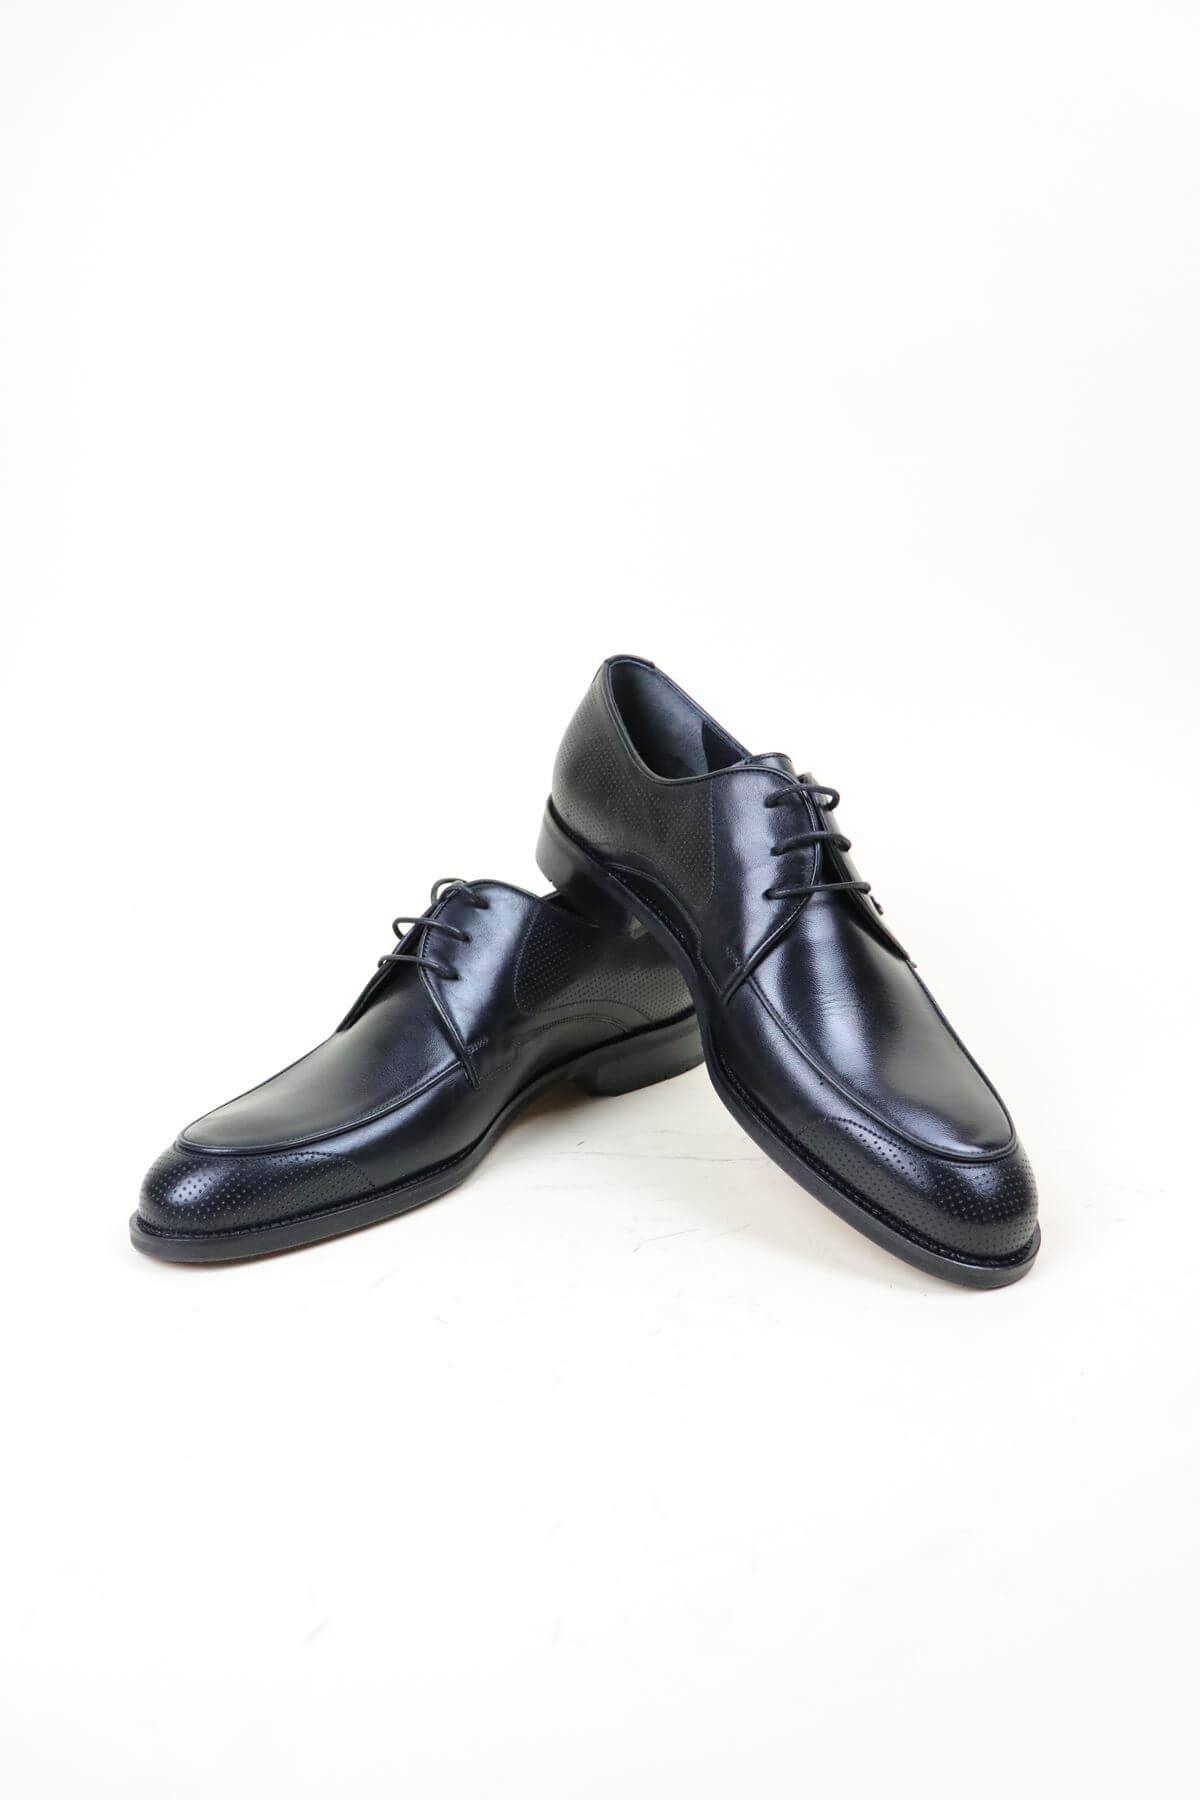 Epaş 18161 Siyah Klasik Erkek Ayakkabı